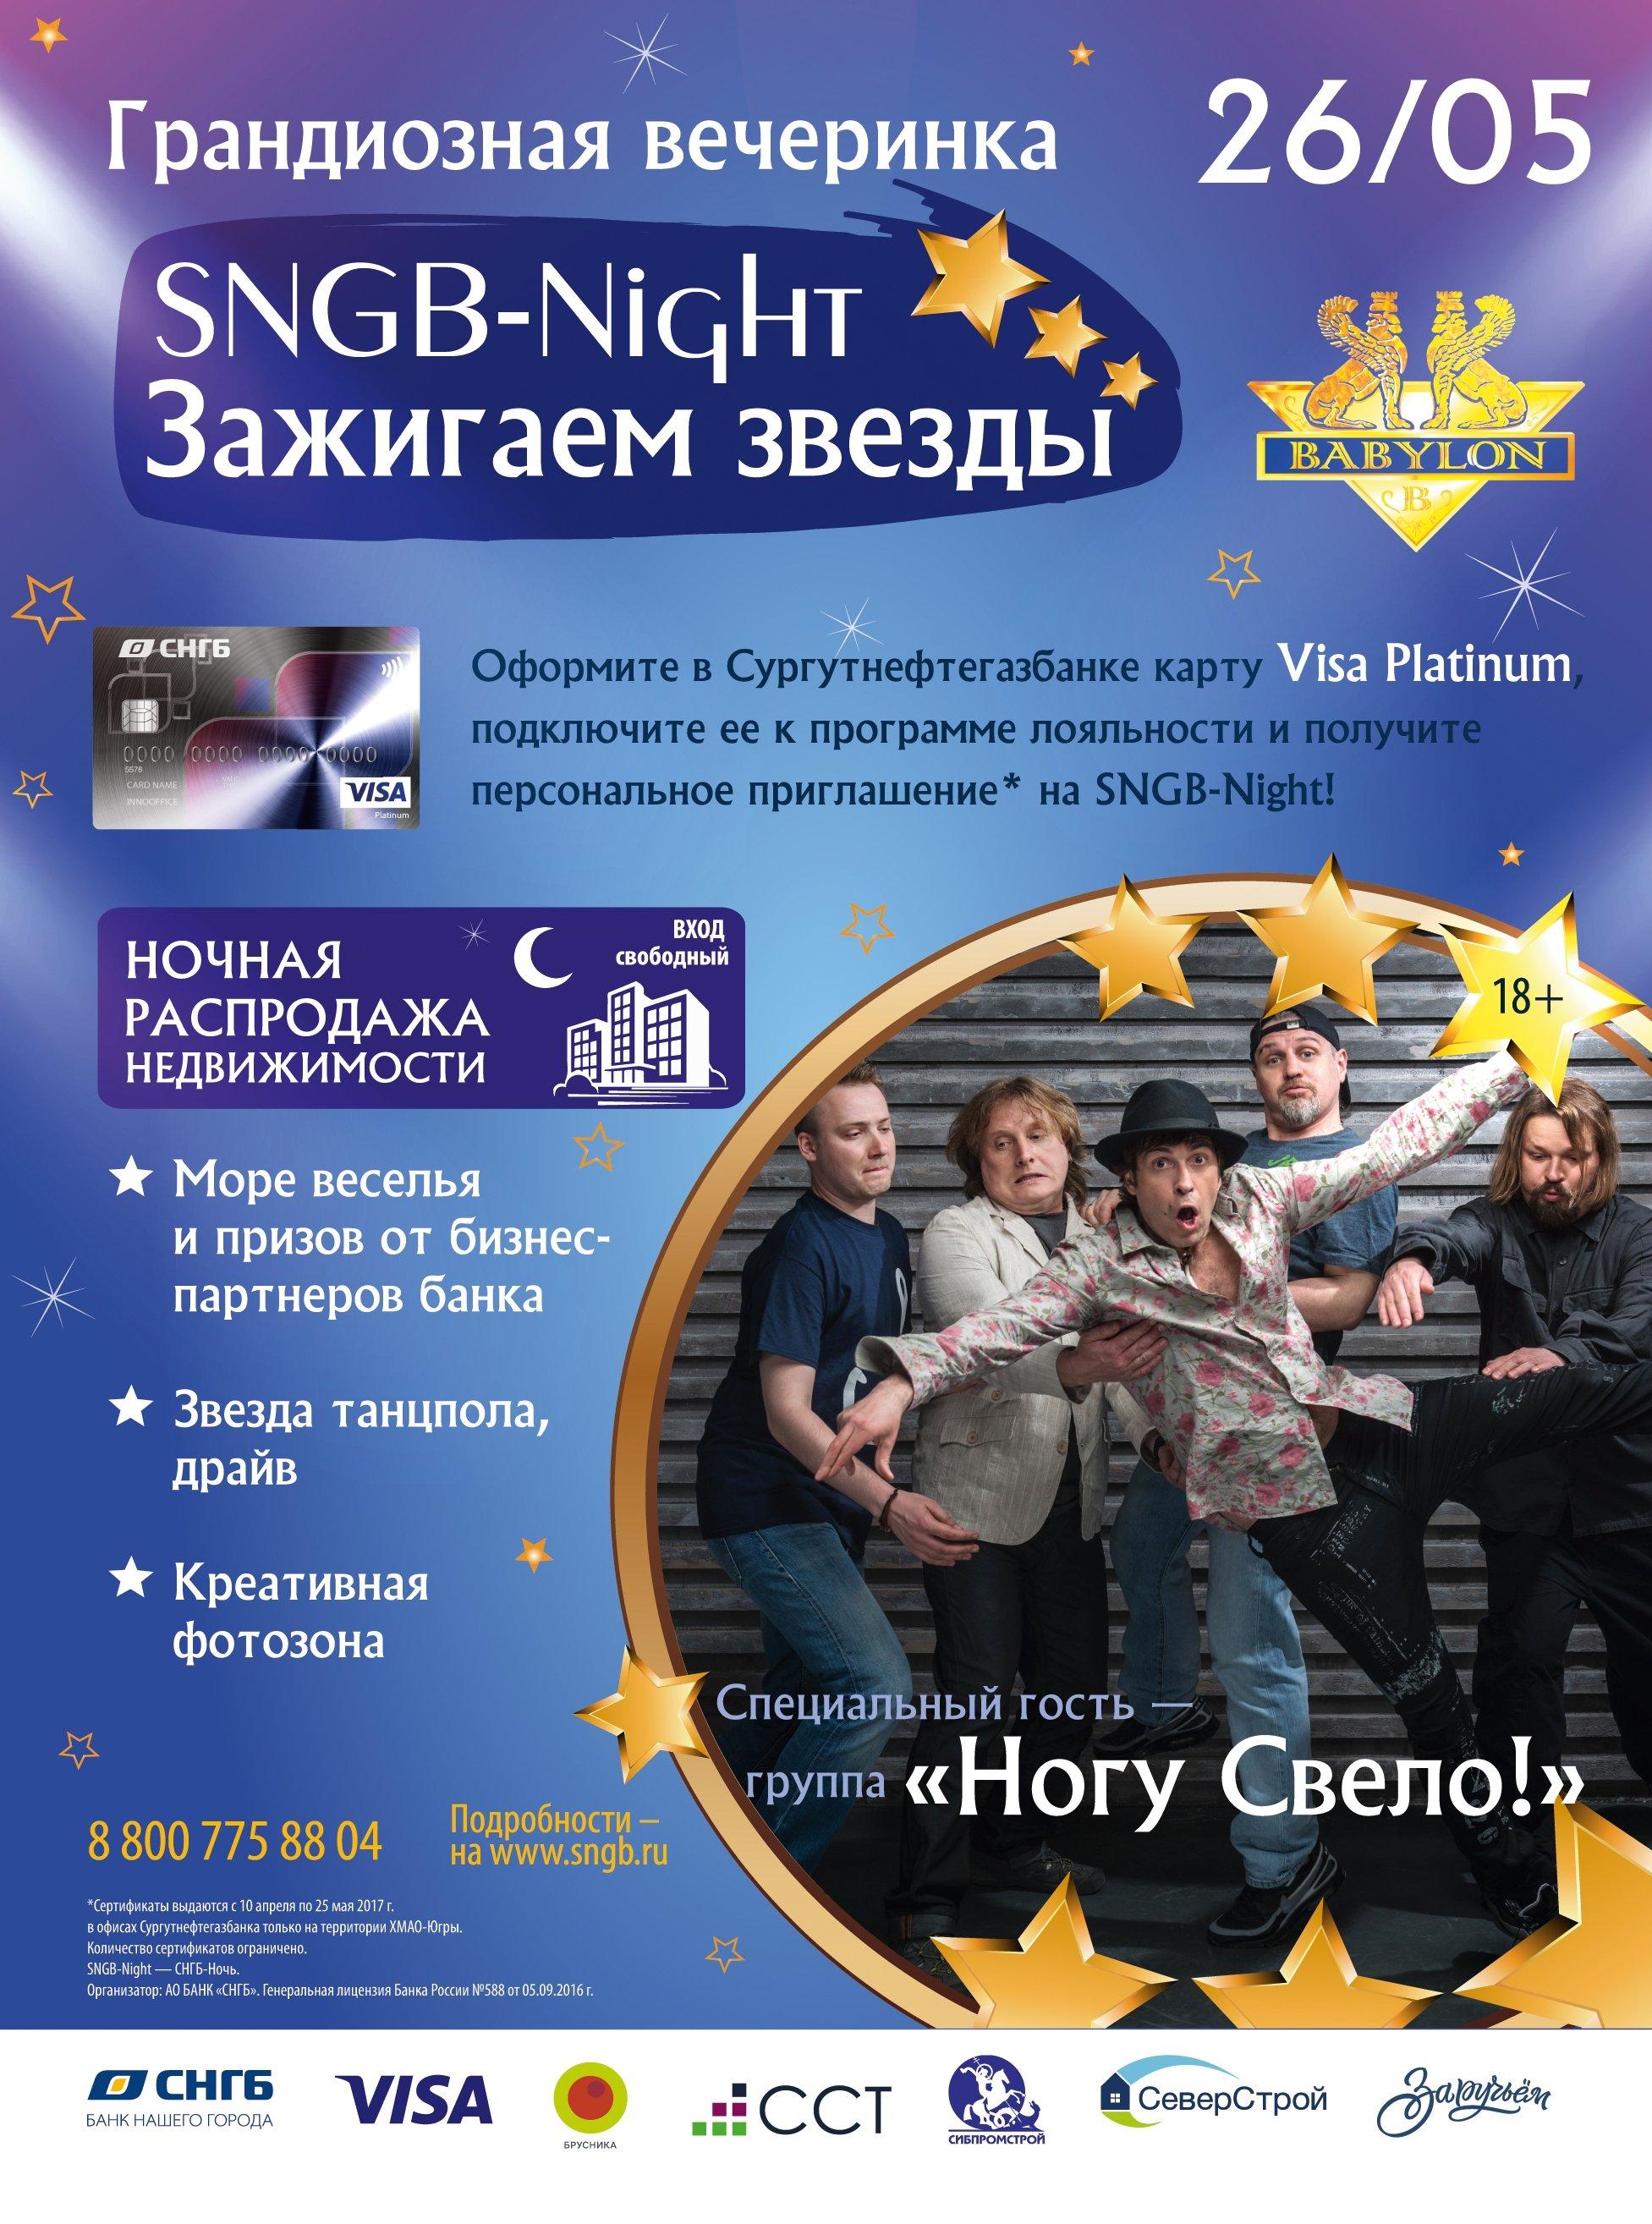 Луганск последние новости от ополчения новороссии